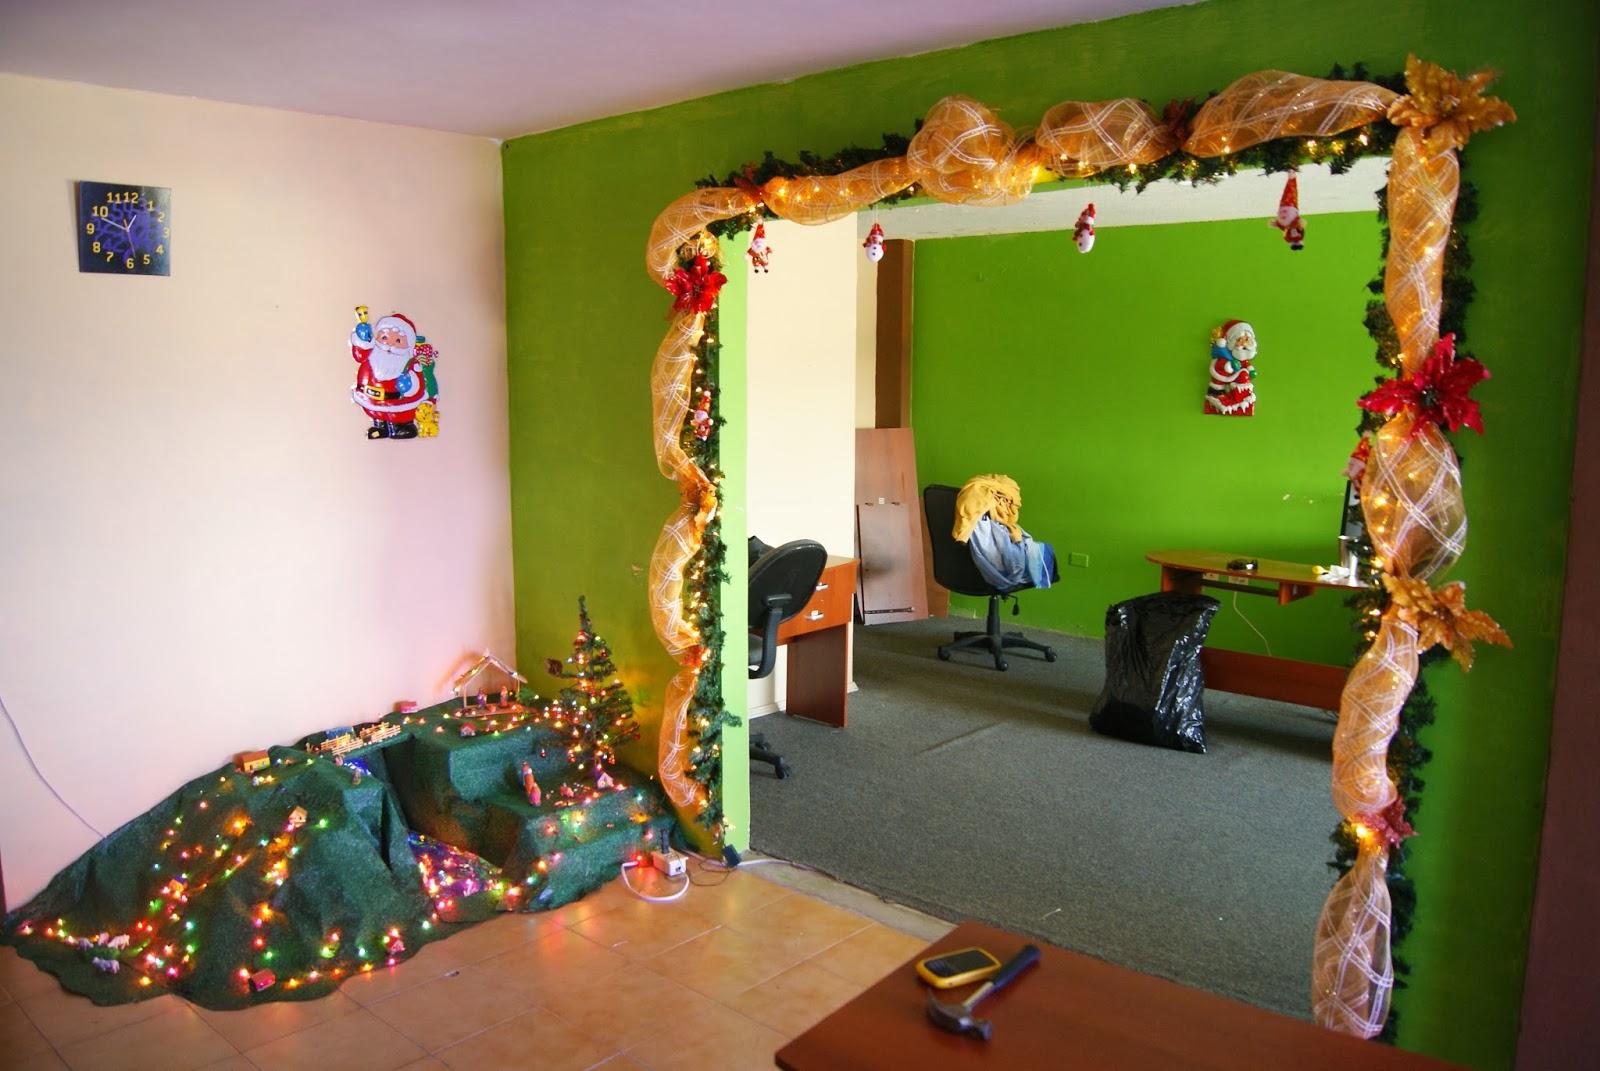 como decorar para la navidad with como decorar para la navidad